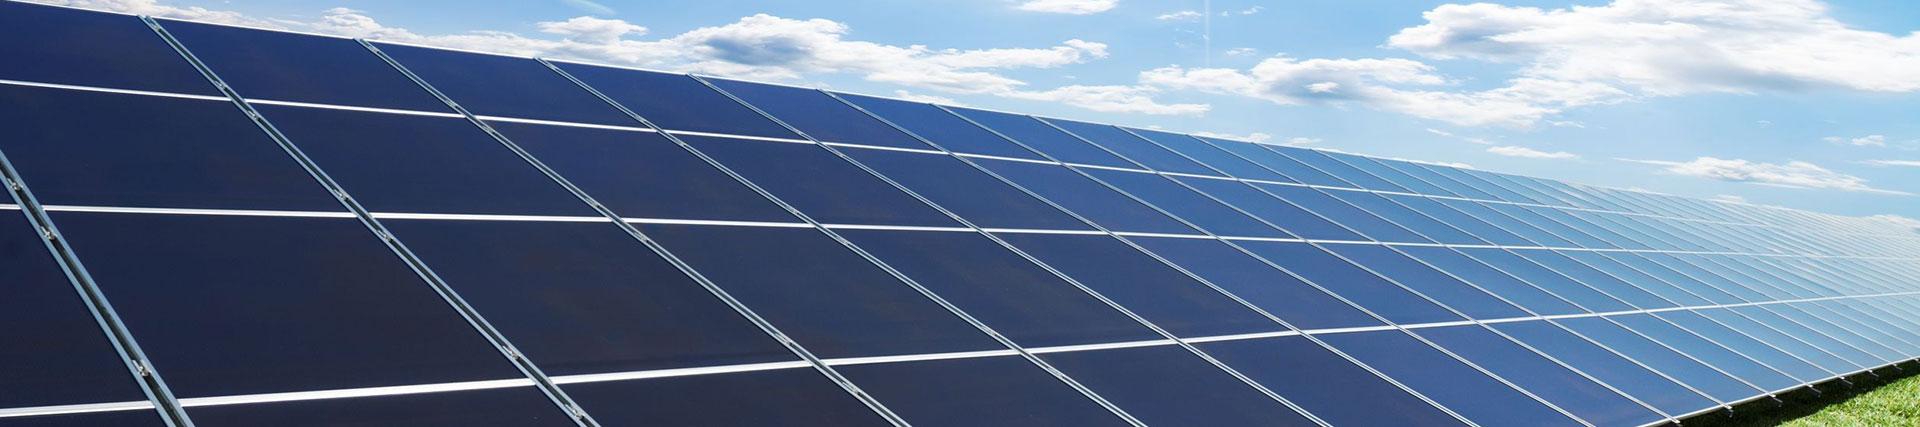 Placas solares t rmicas para instaladores en alicante terclivan - Instalador de placas solares ...